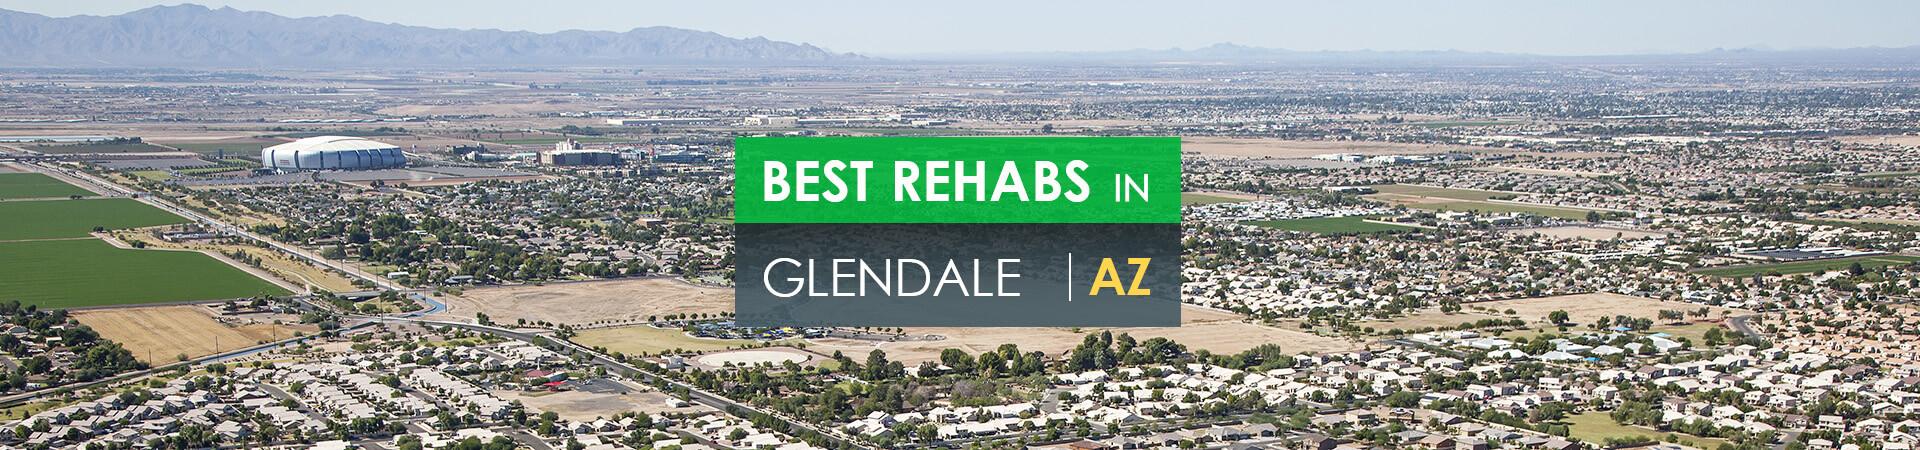 Best rehabs in Glendale, AZ